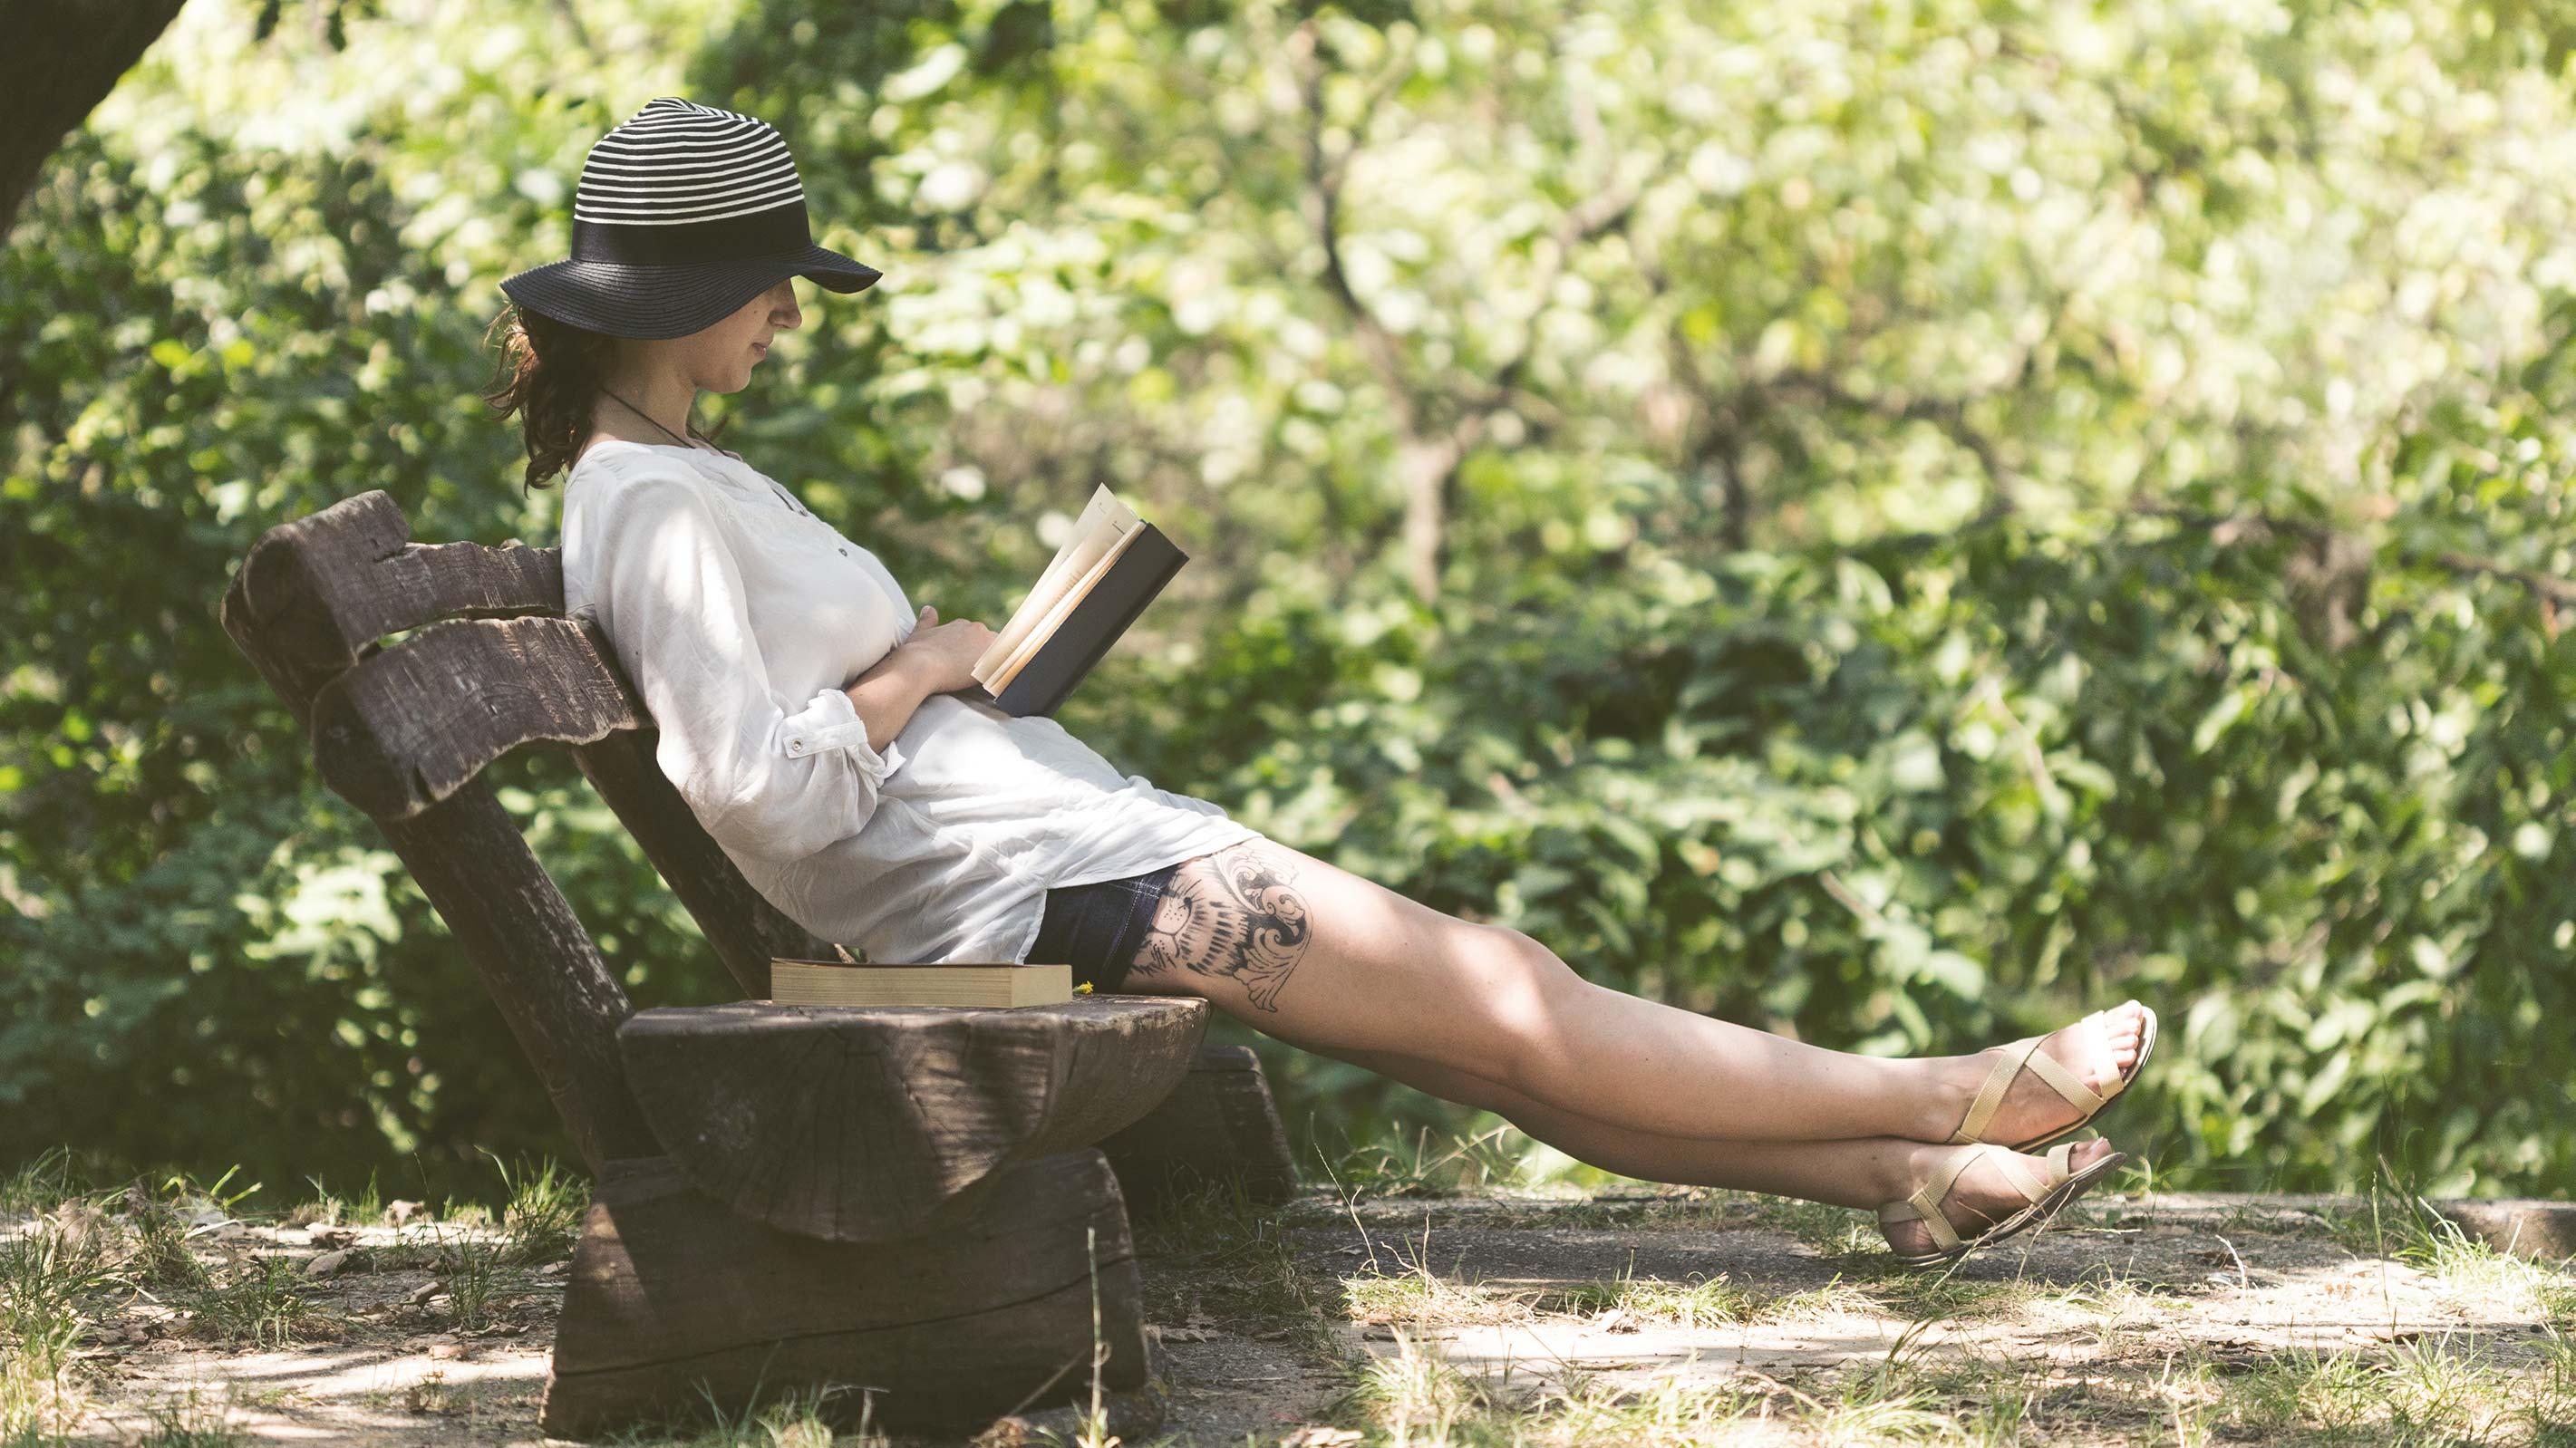 Schatten und lange Kleidung als natürlicher Sonnenschutz